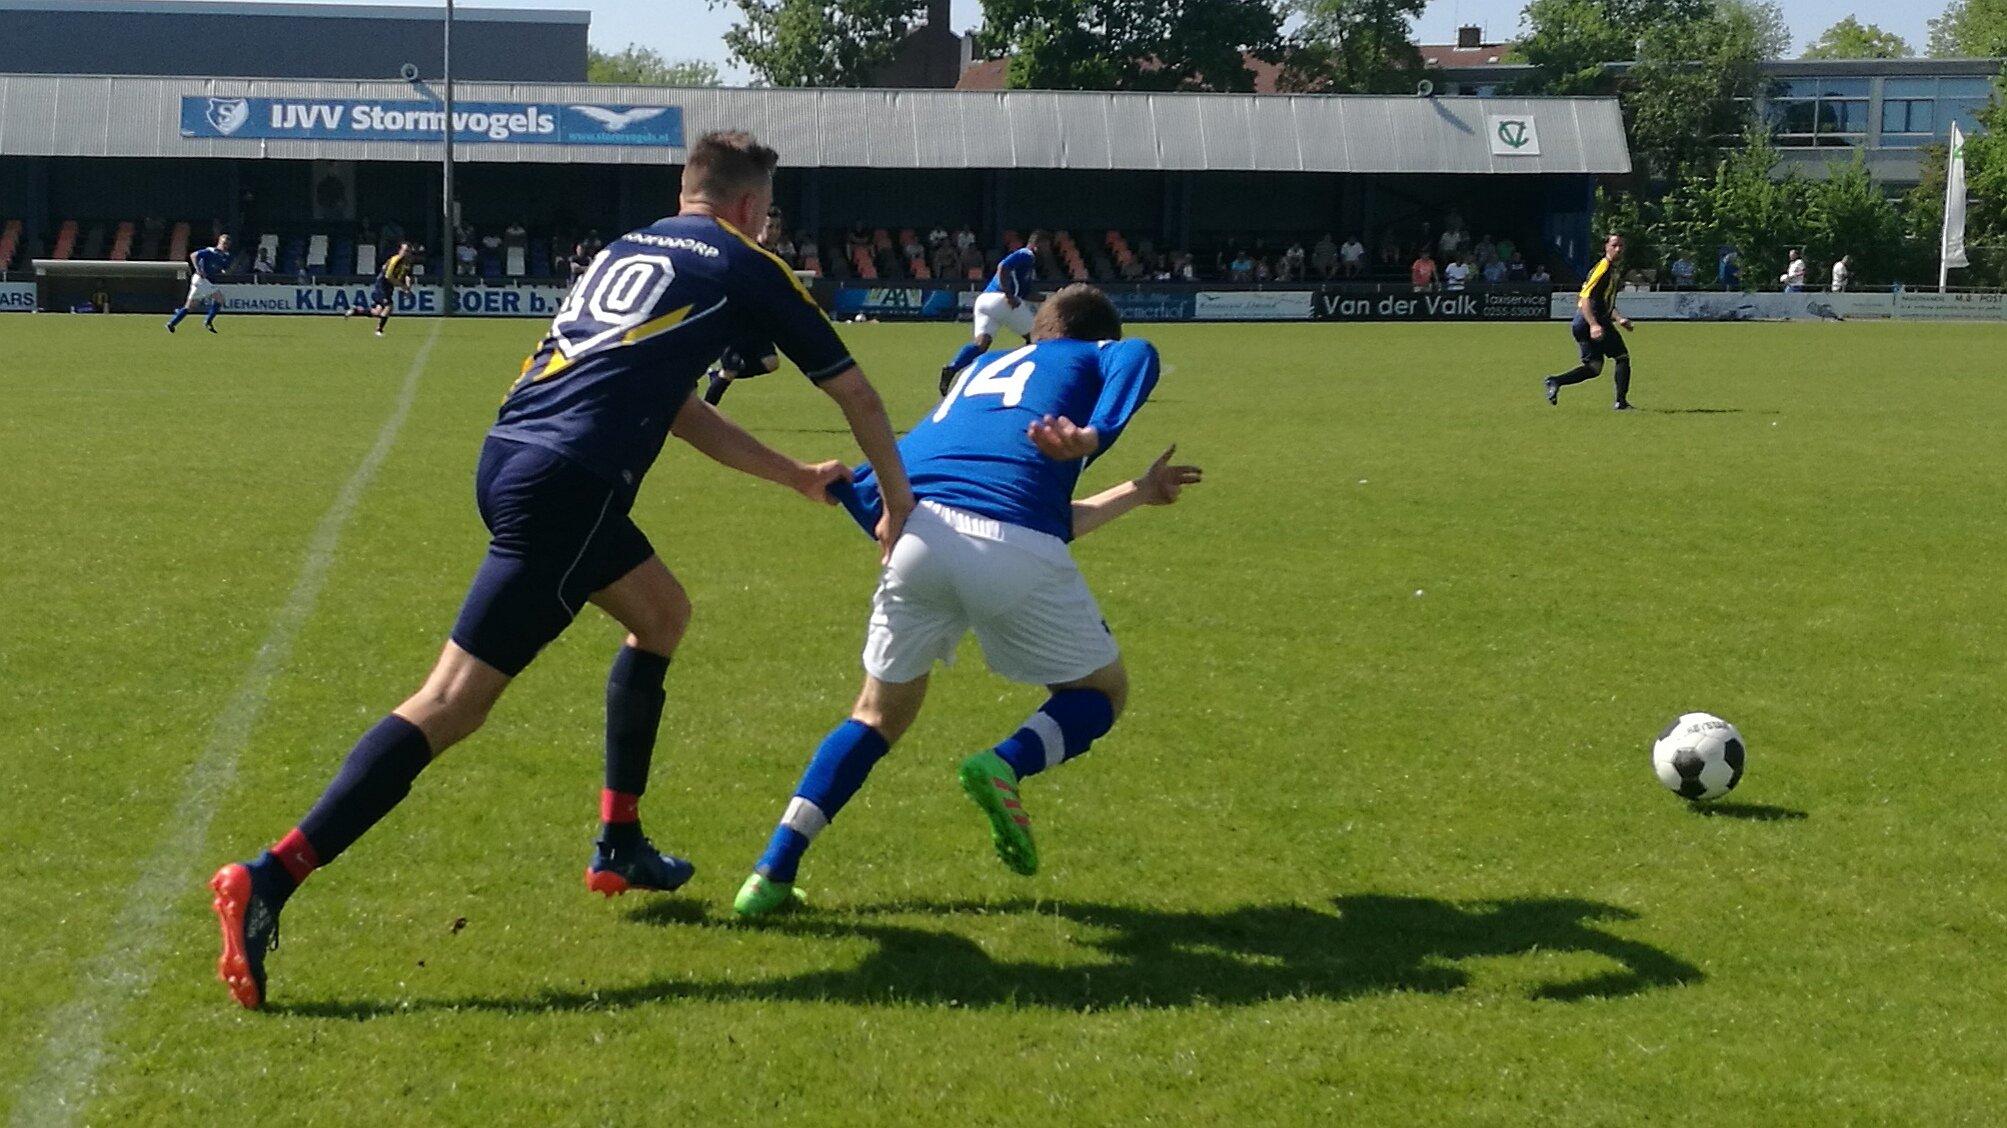 Stormvogels - Hoofddorp - Voetbal in Haarlem